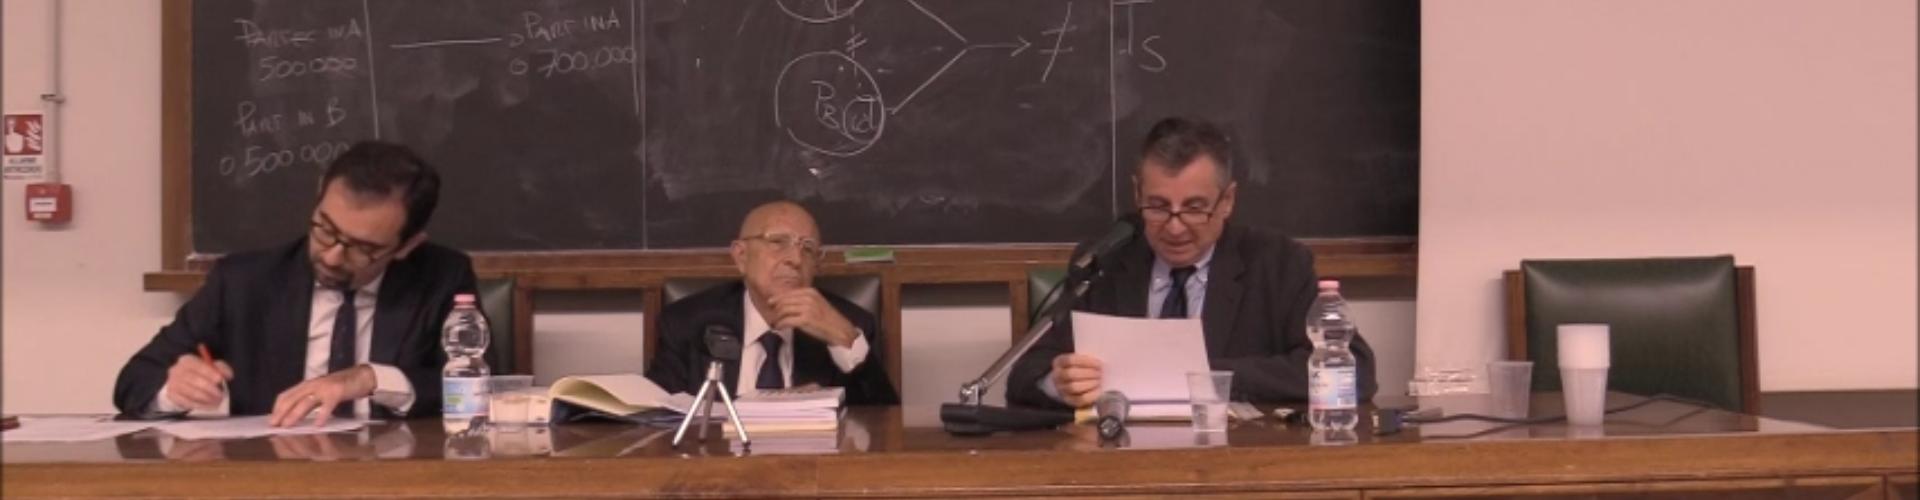 Il presidente della Repubblica nella  democrazia italiana